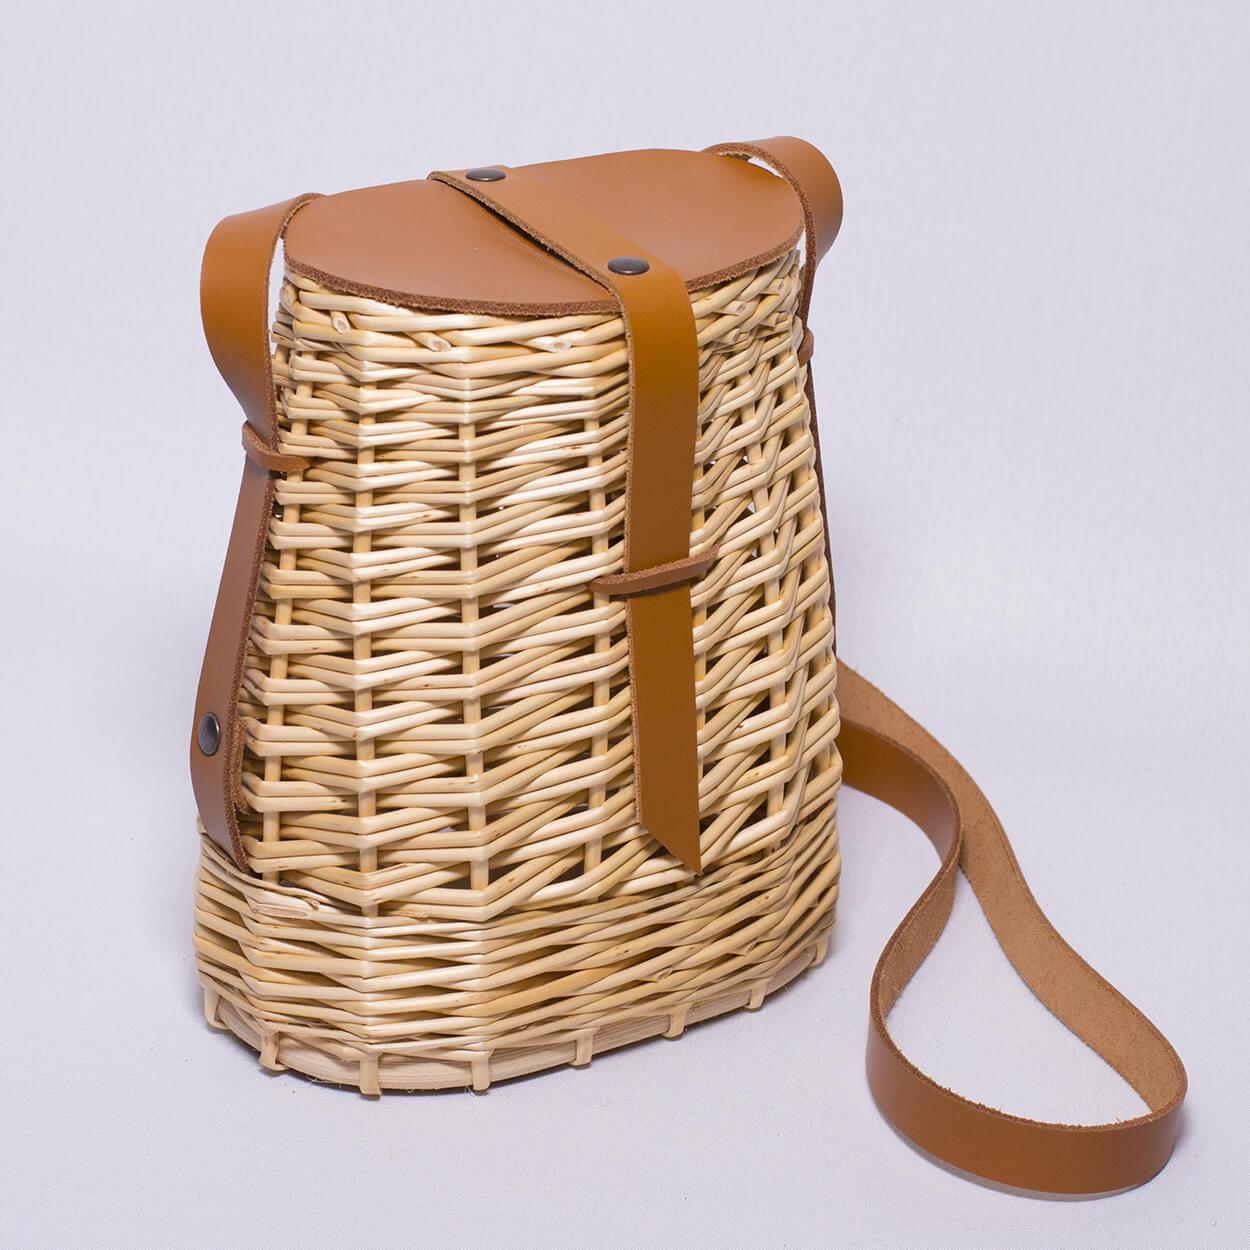 La besace sac à main en osier et cuire de couleur champagne